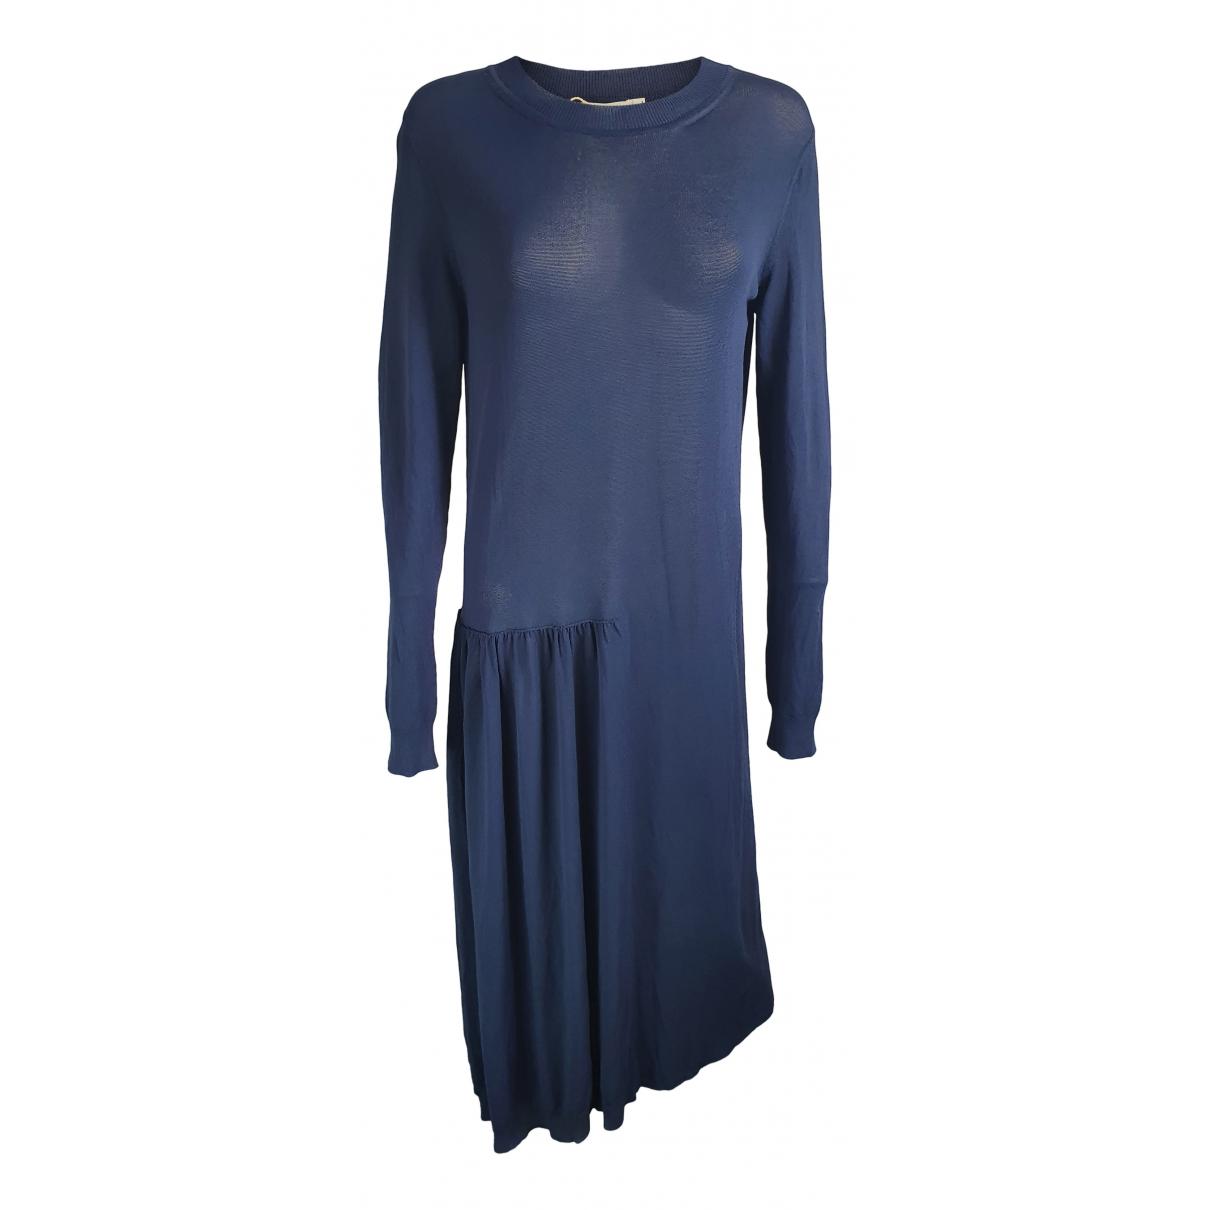 Jil Sander \N Kleid in  Blau Viskose